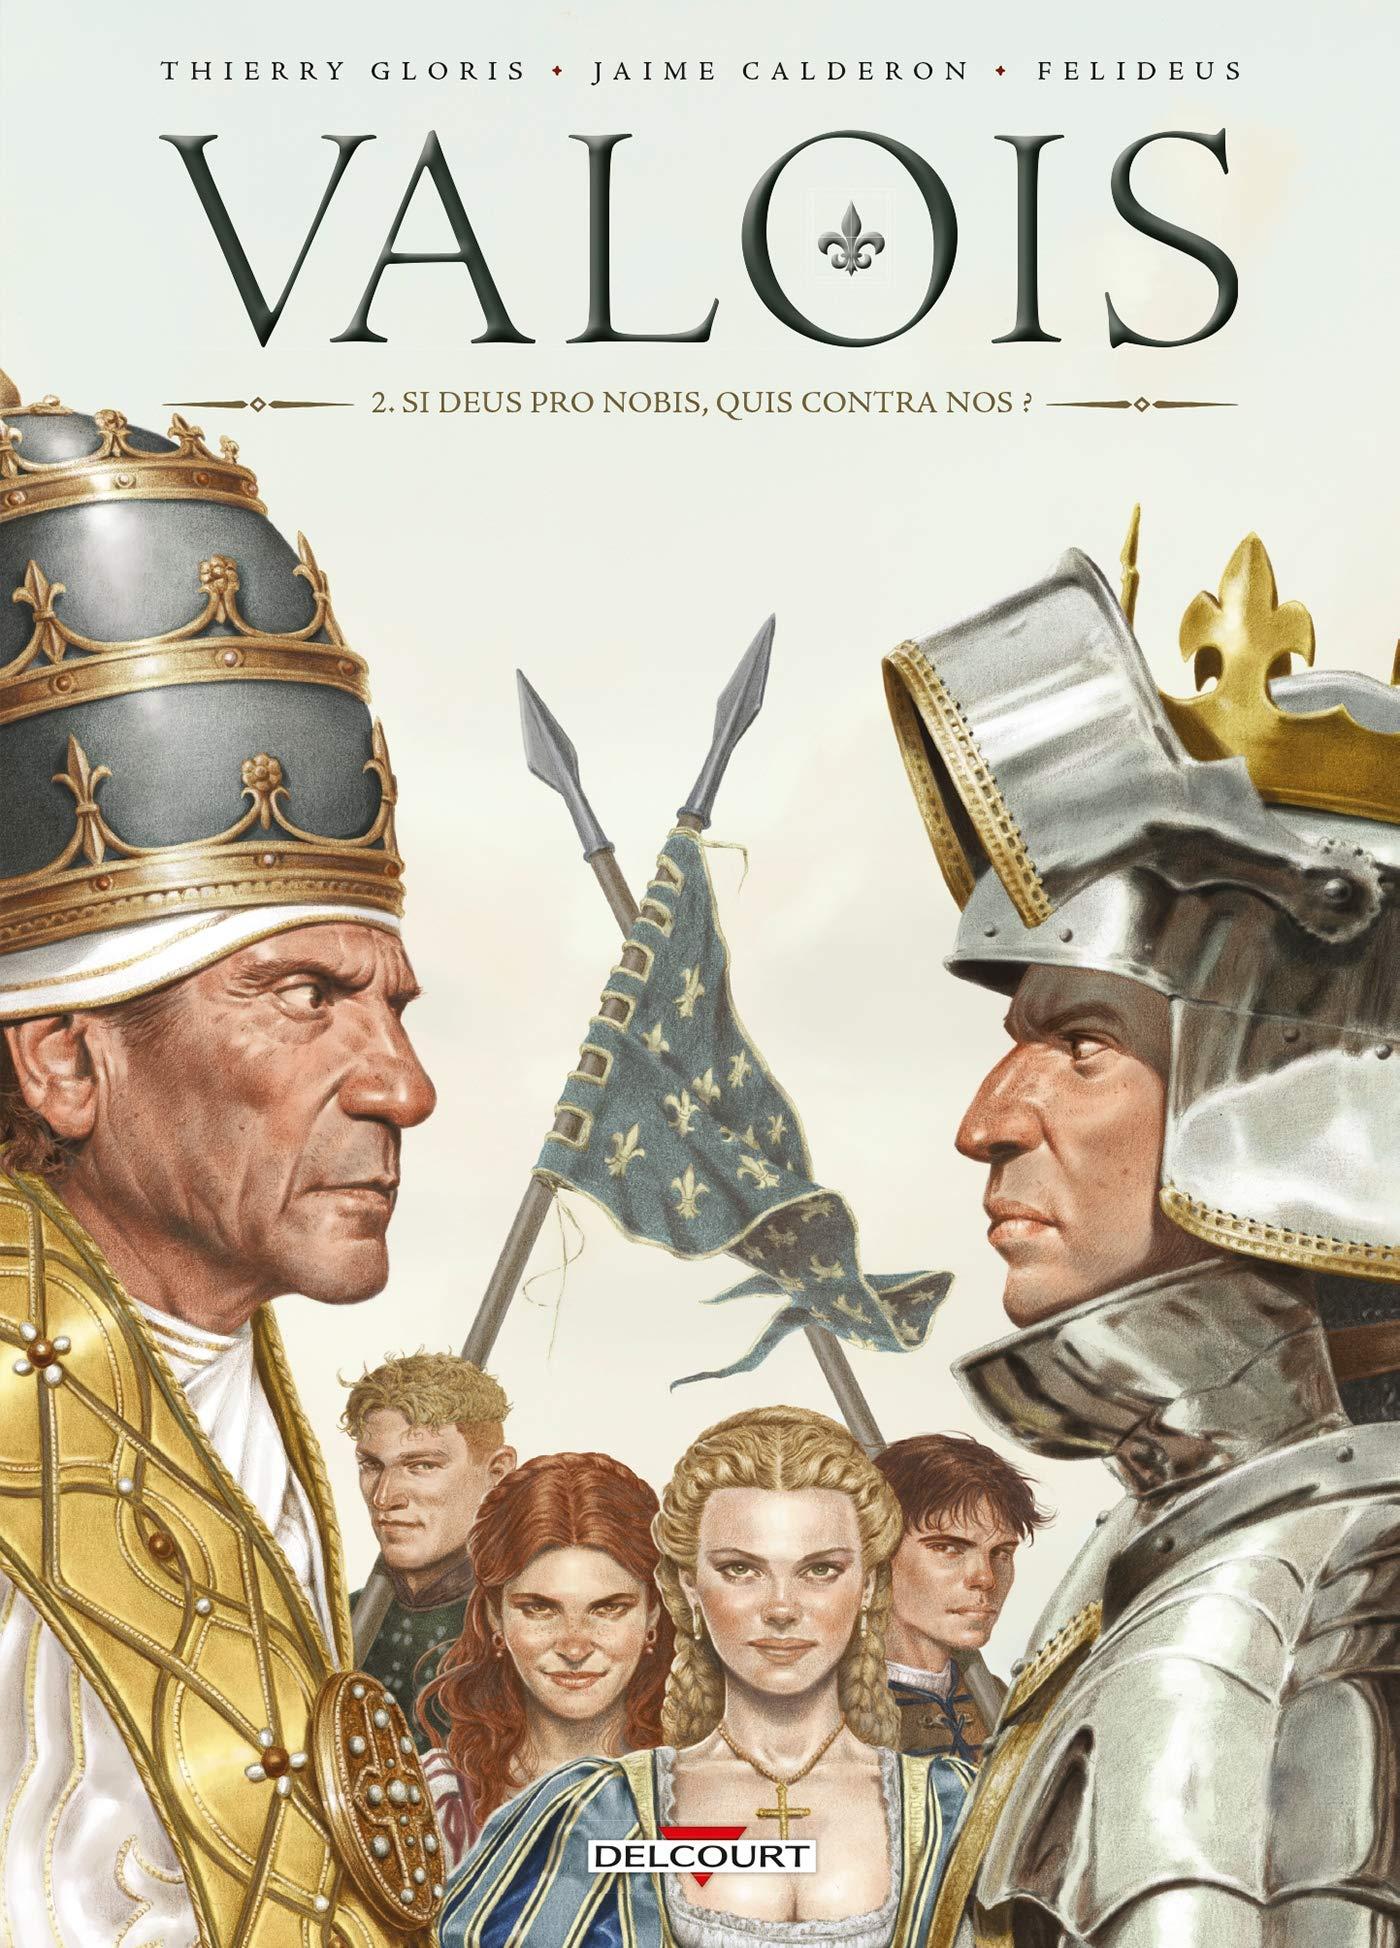 Valois 2 - Si Deus Pro Nobis, Quis Contra Nos ?